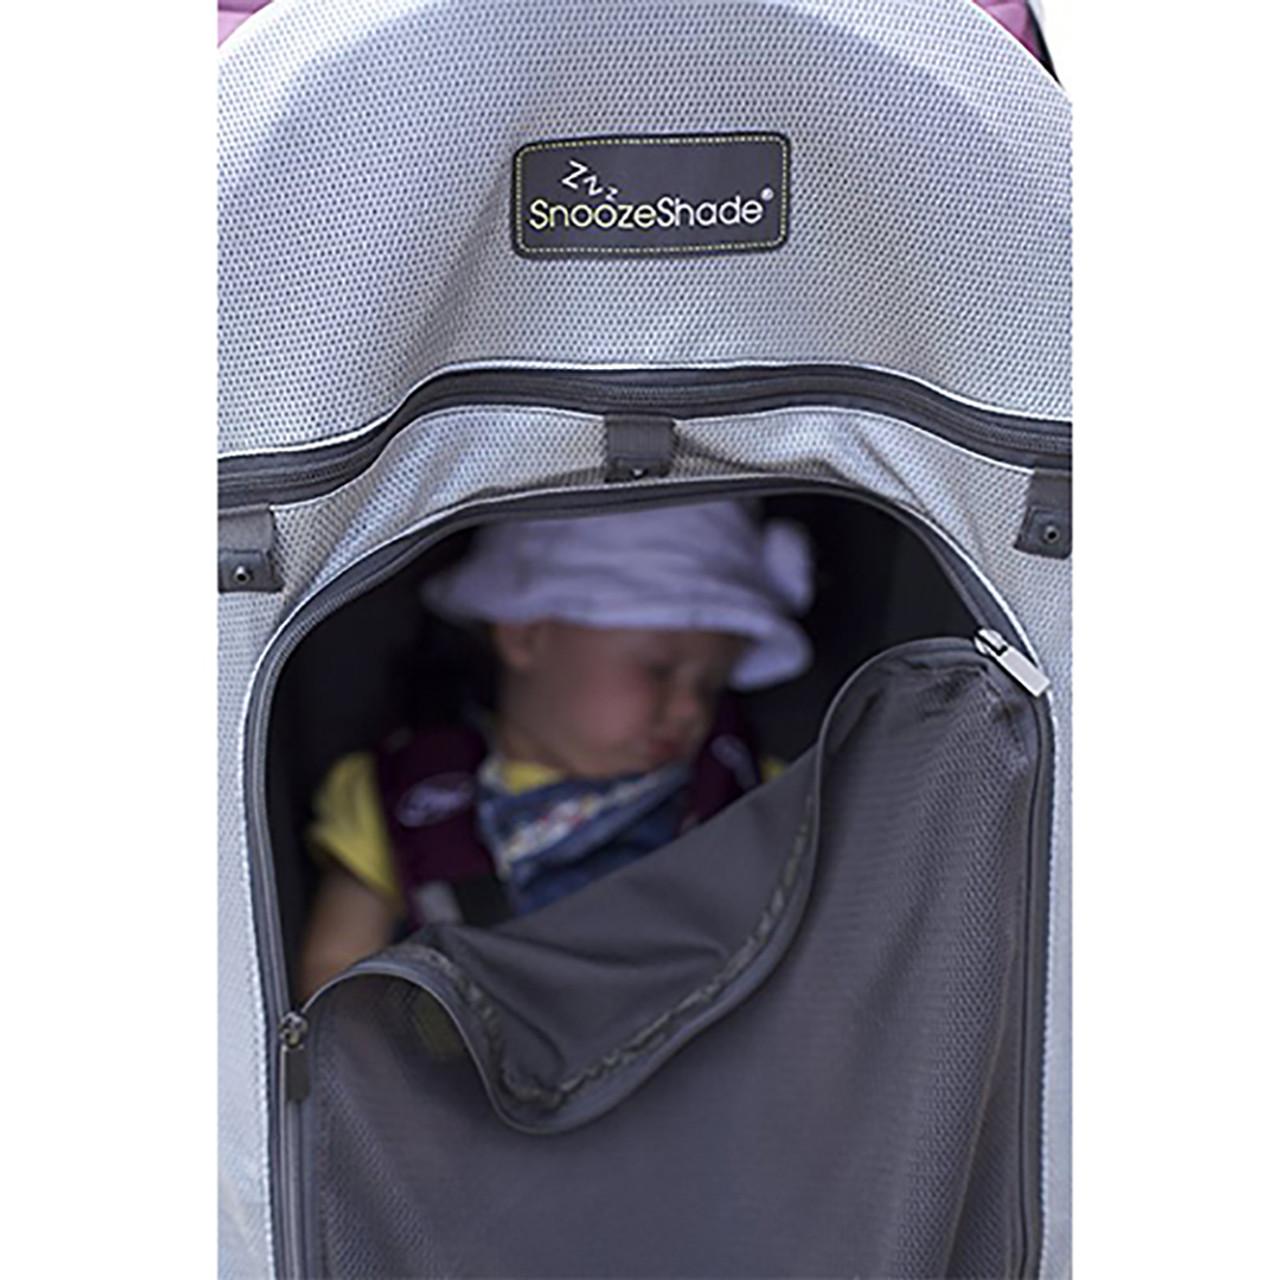 SnoozeShade Original UV-Schutz f/ür Kinderwagen